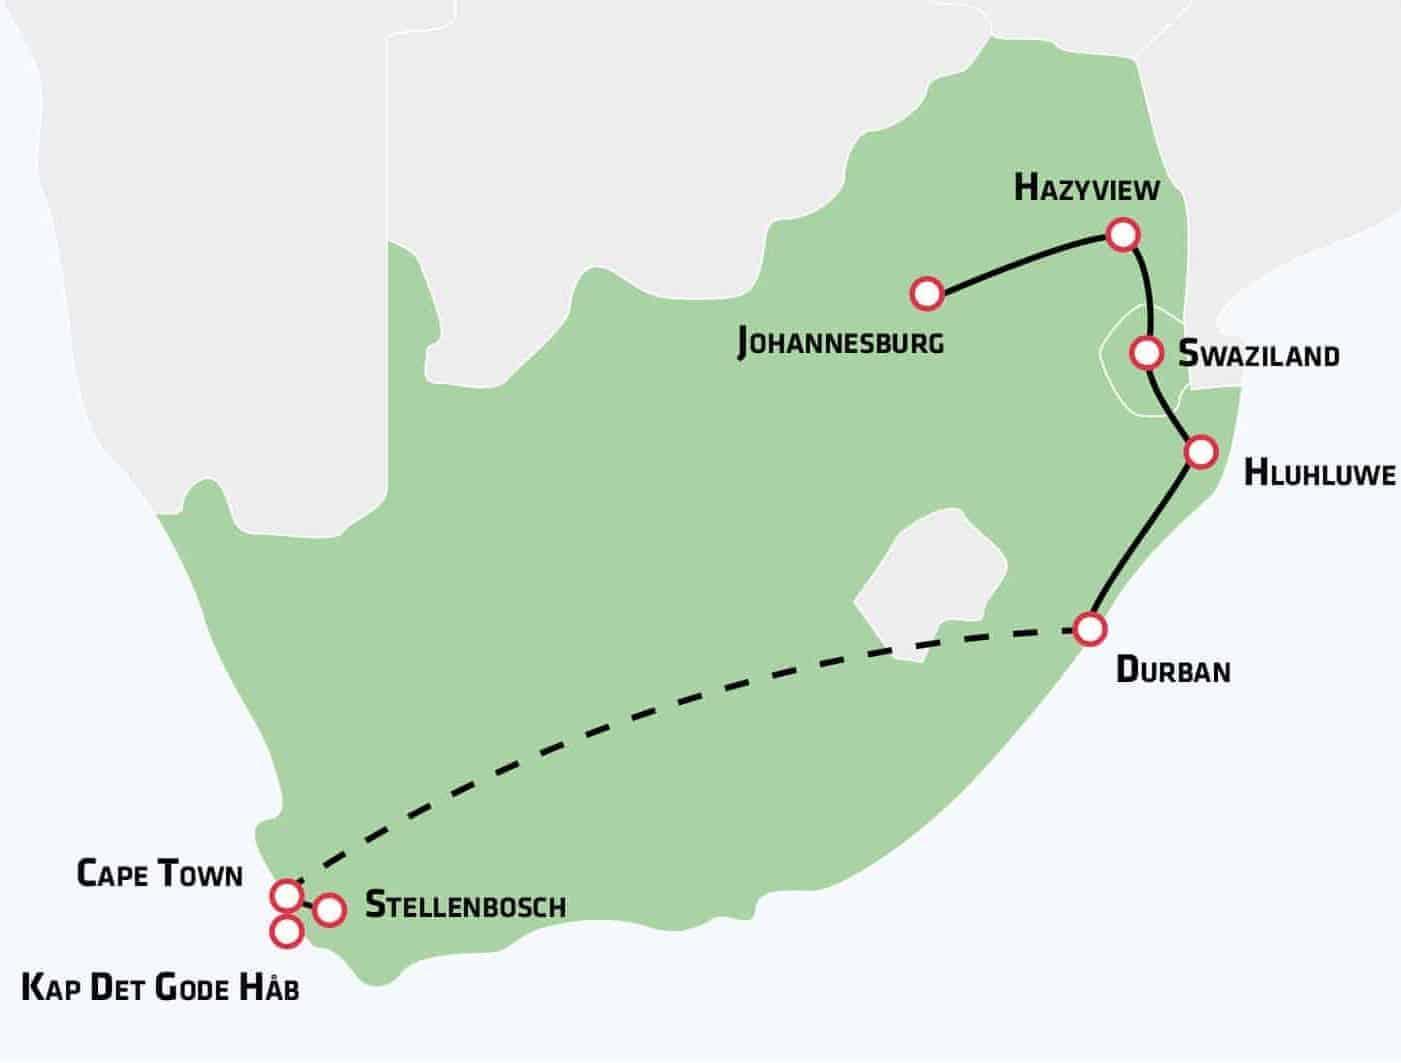 Rundrejse Sydafrika Bestil En Rundrejse Til Sydafrika Risskov Rejser